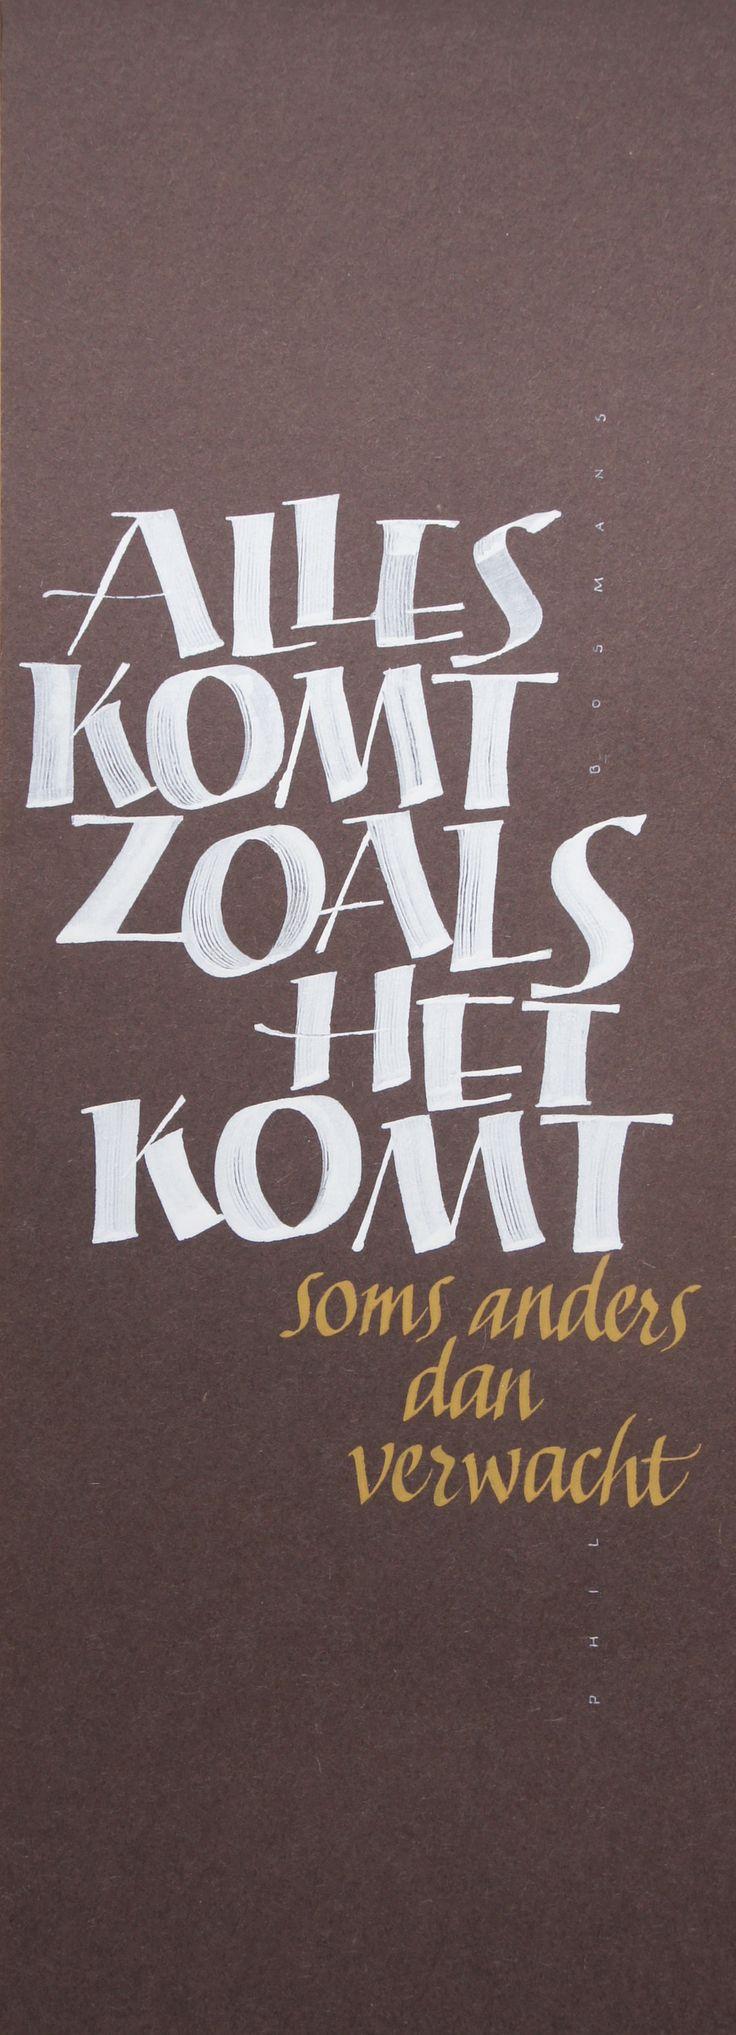 """""""Alles komt zoals het komt"""" - André Ooms 2015"""